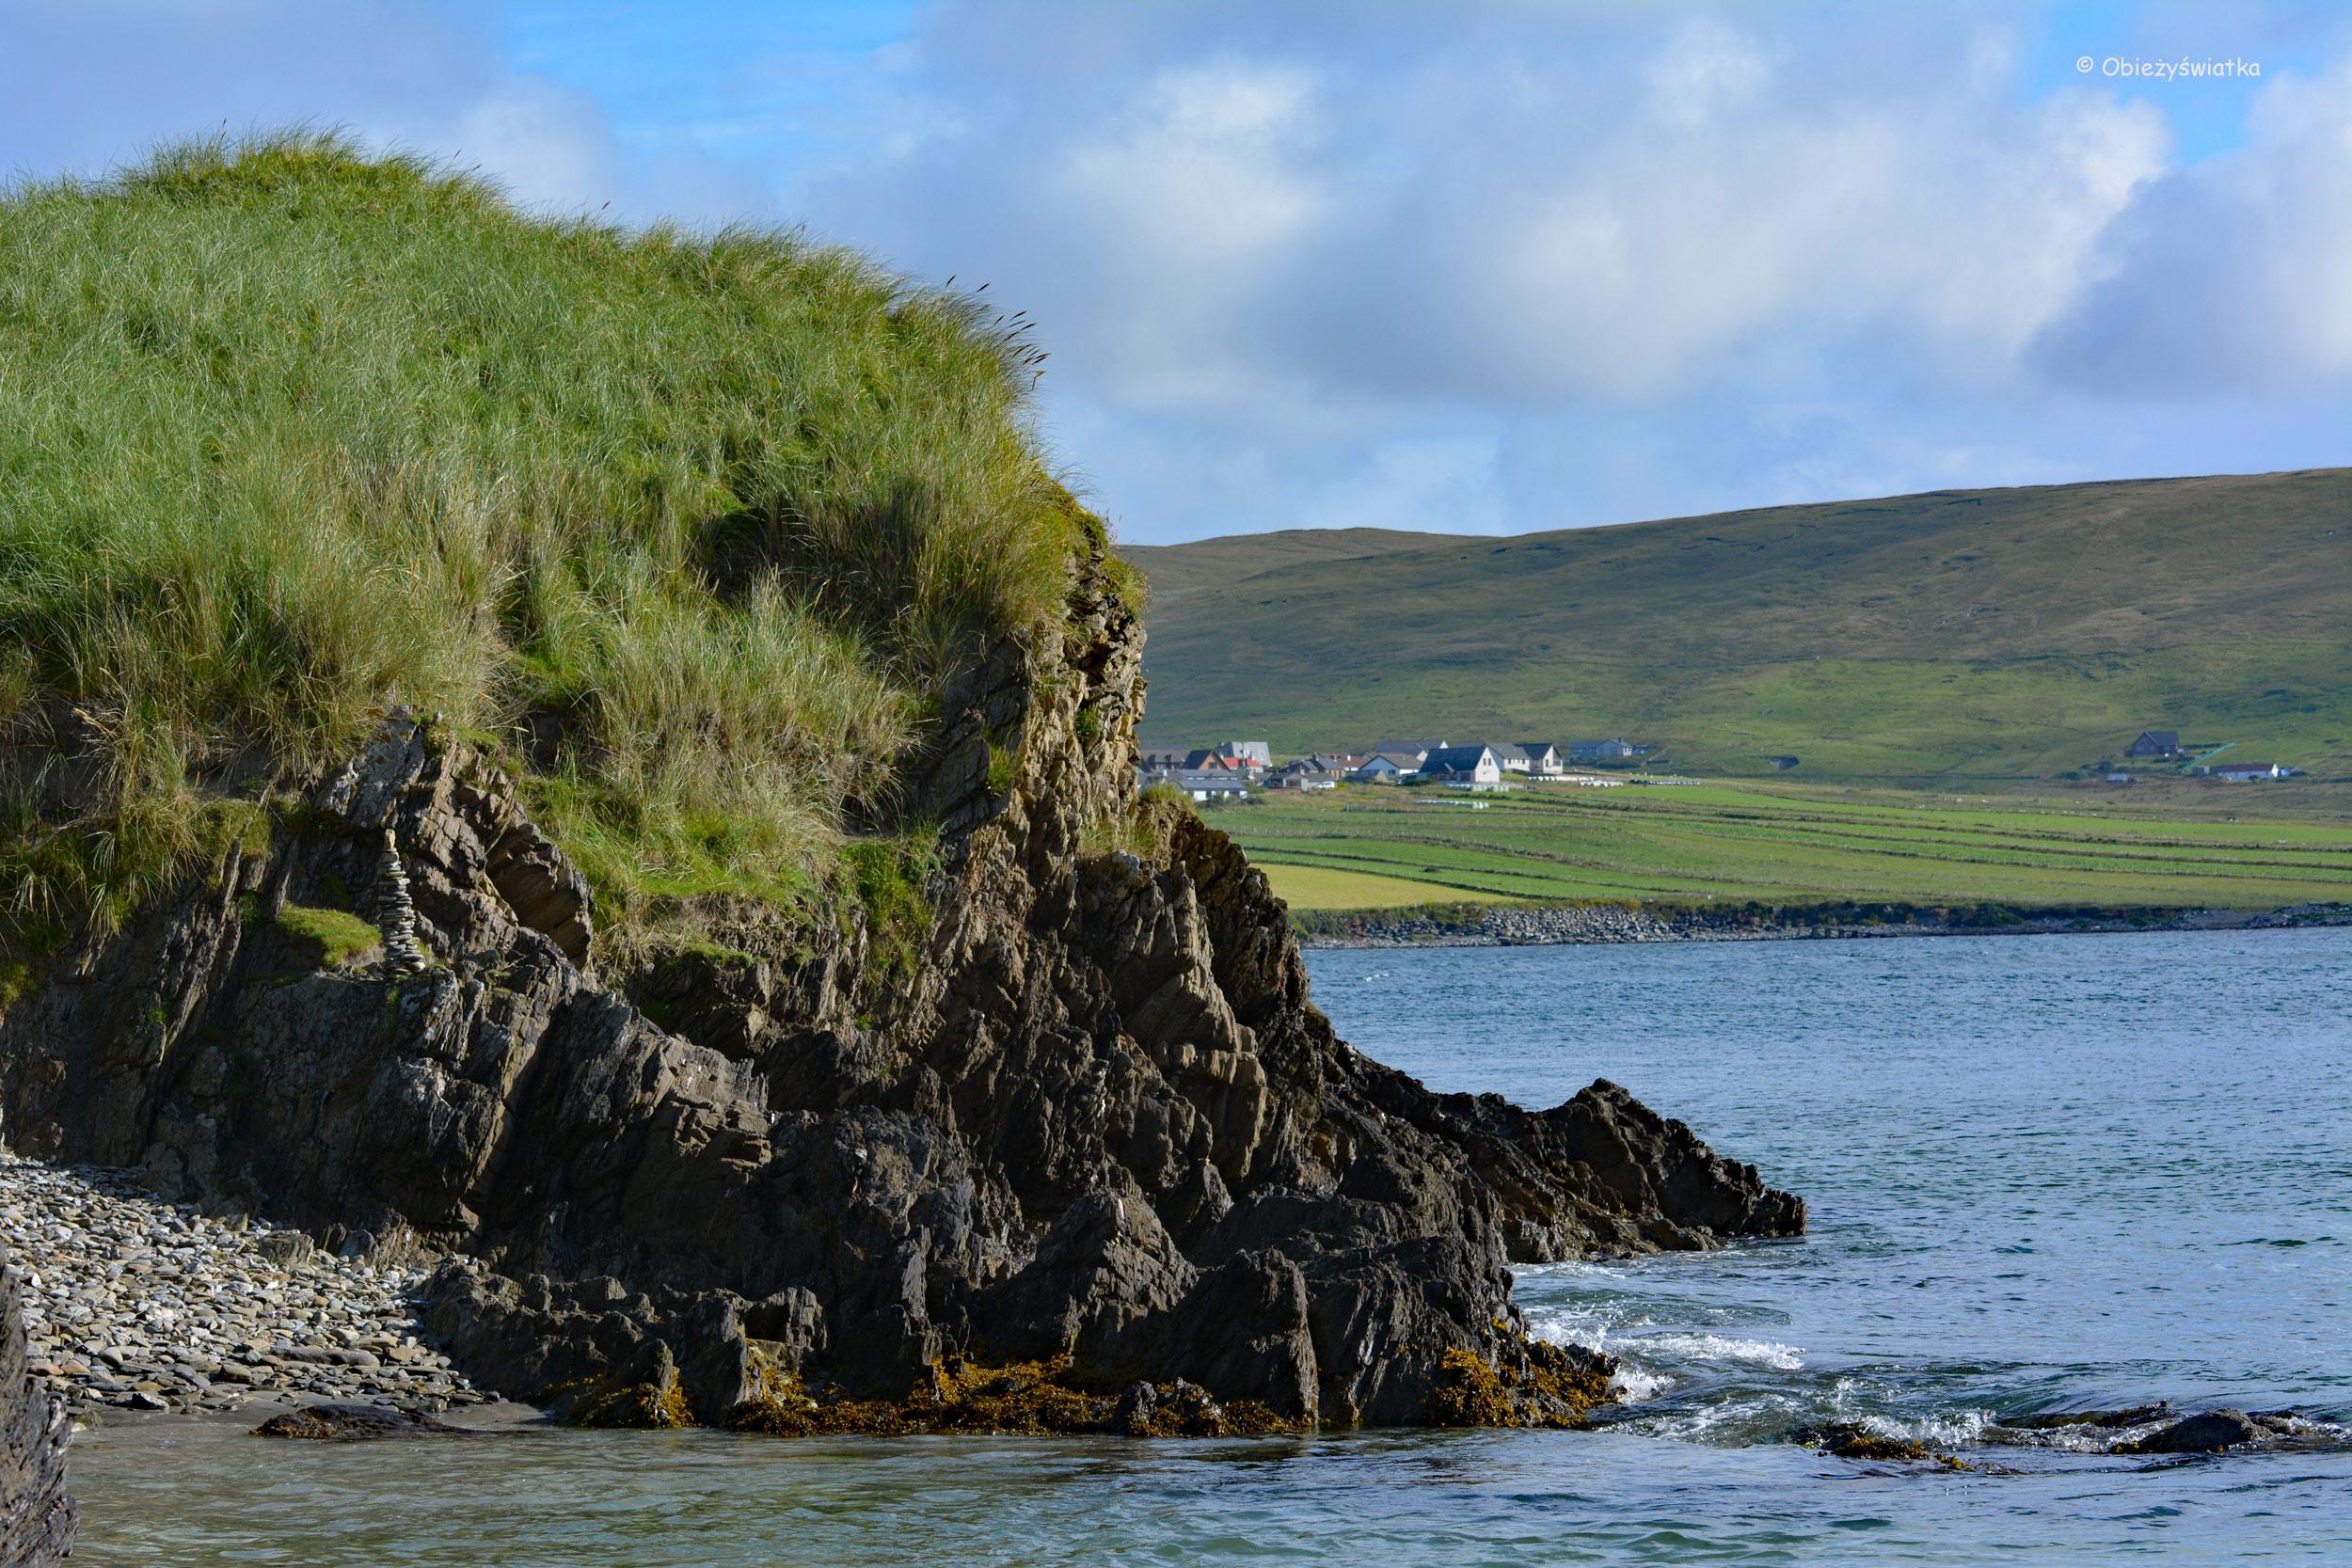 Wyspa św. Niniana, Szkocja, Wyspy Szetlandzkie